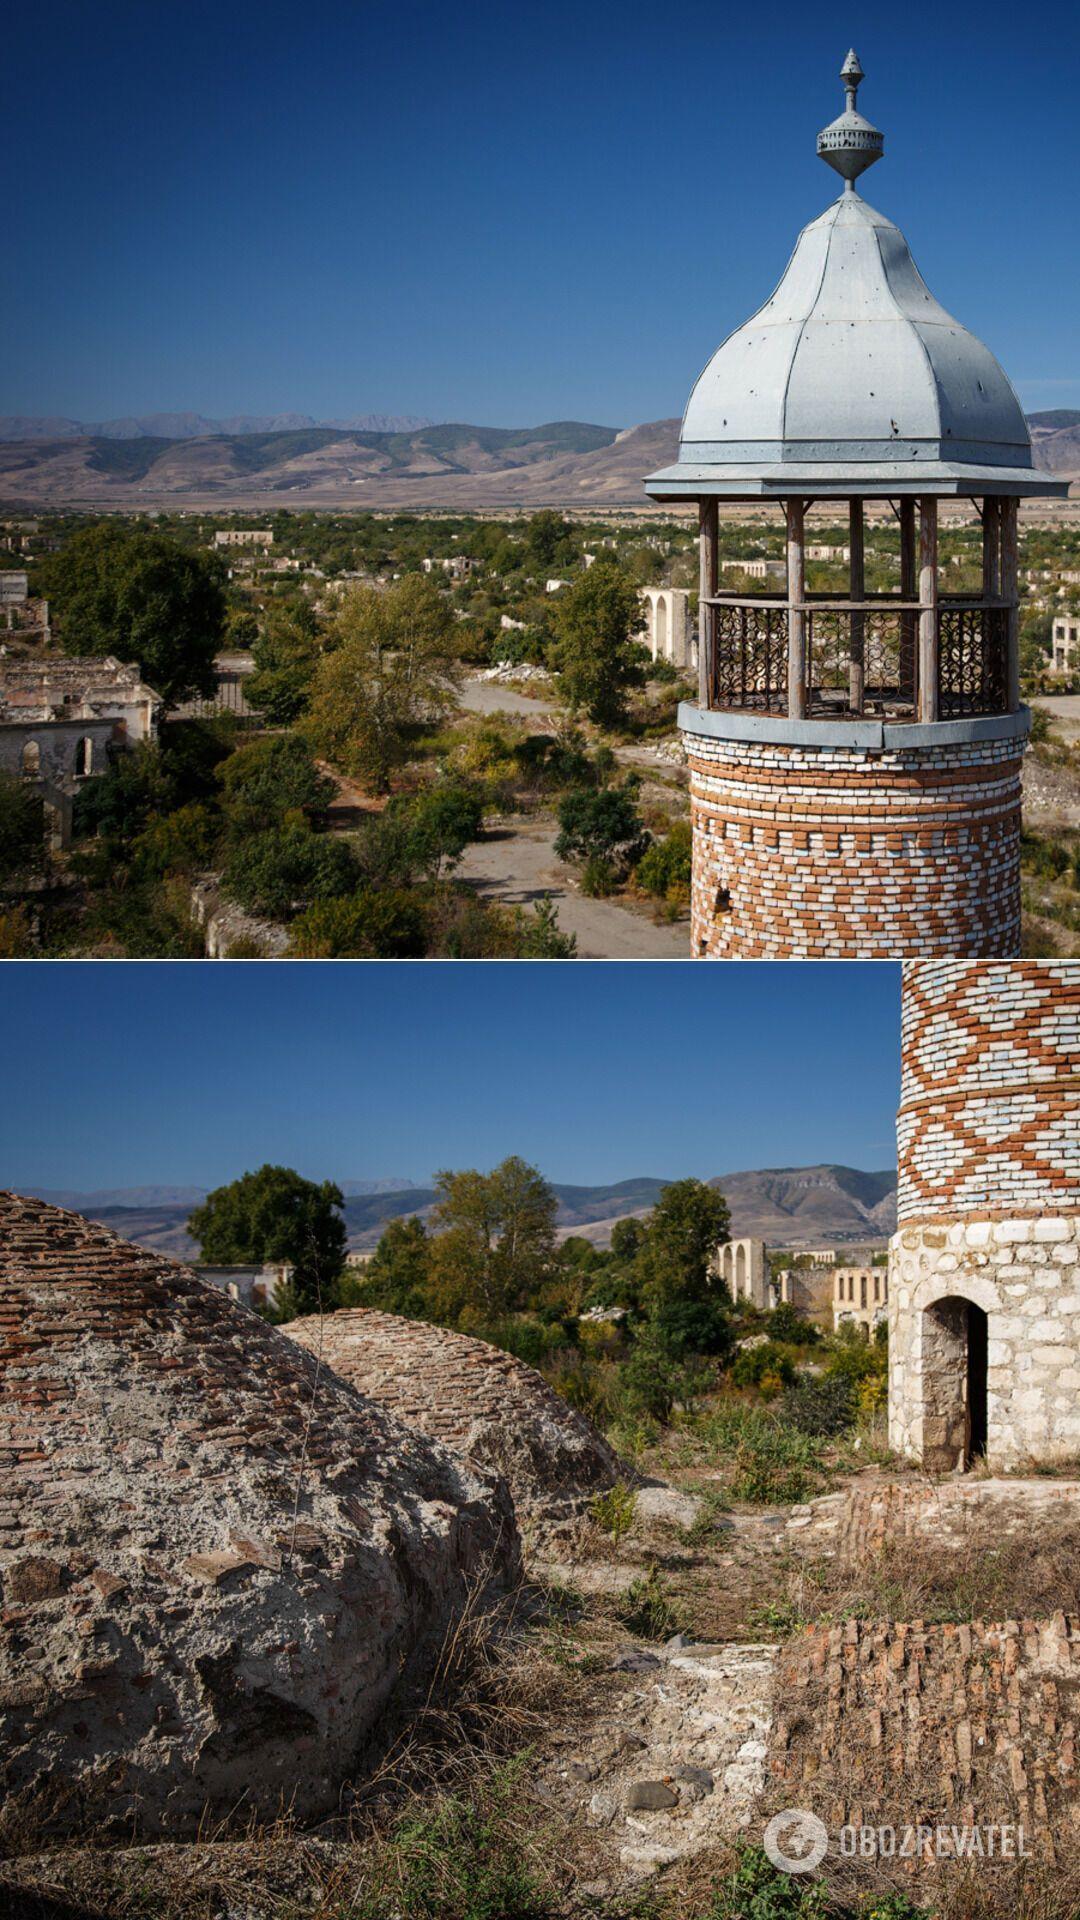 Єдині будівлі, які збереглися в місті, – стара перська мечеть, побудована в кінці XIX століття, і комплекс із ханського палацу і кількох мавзолеїв